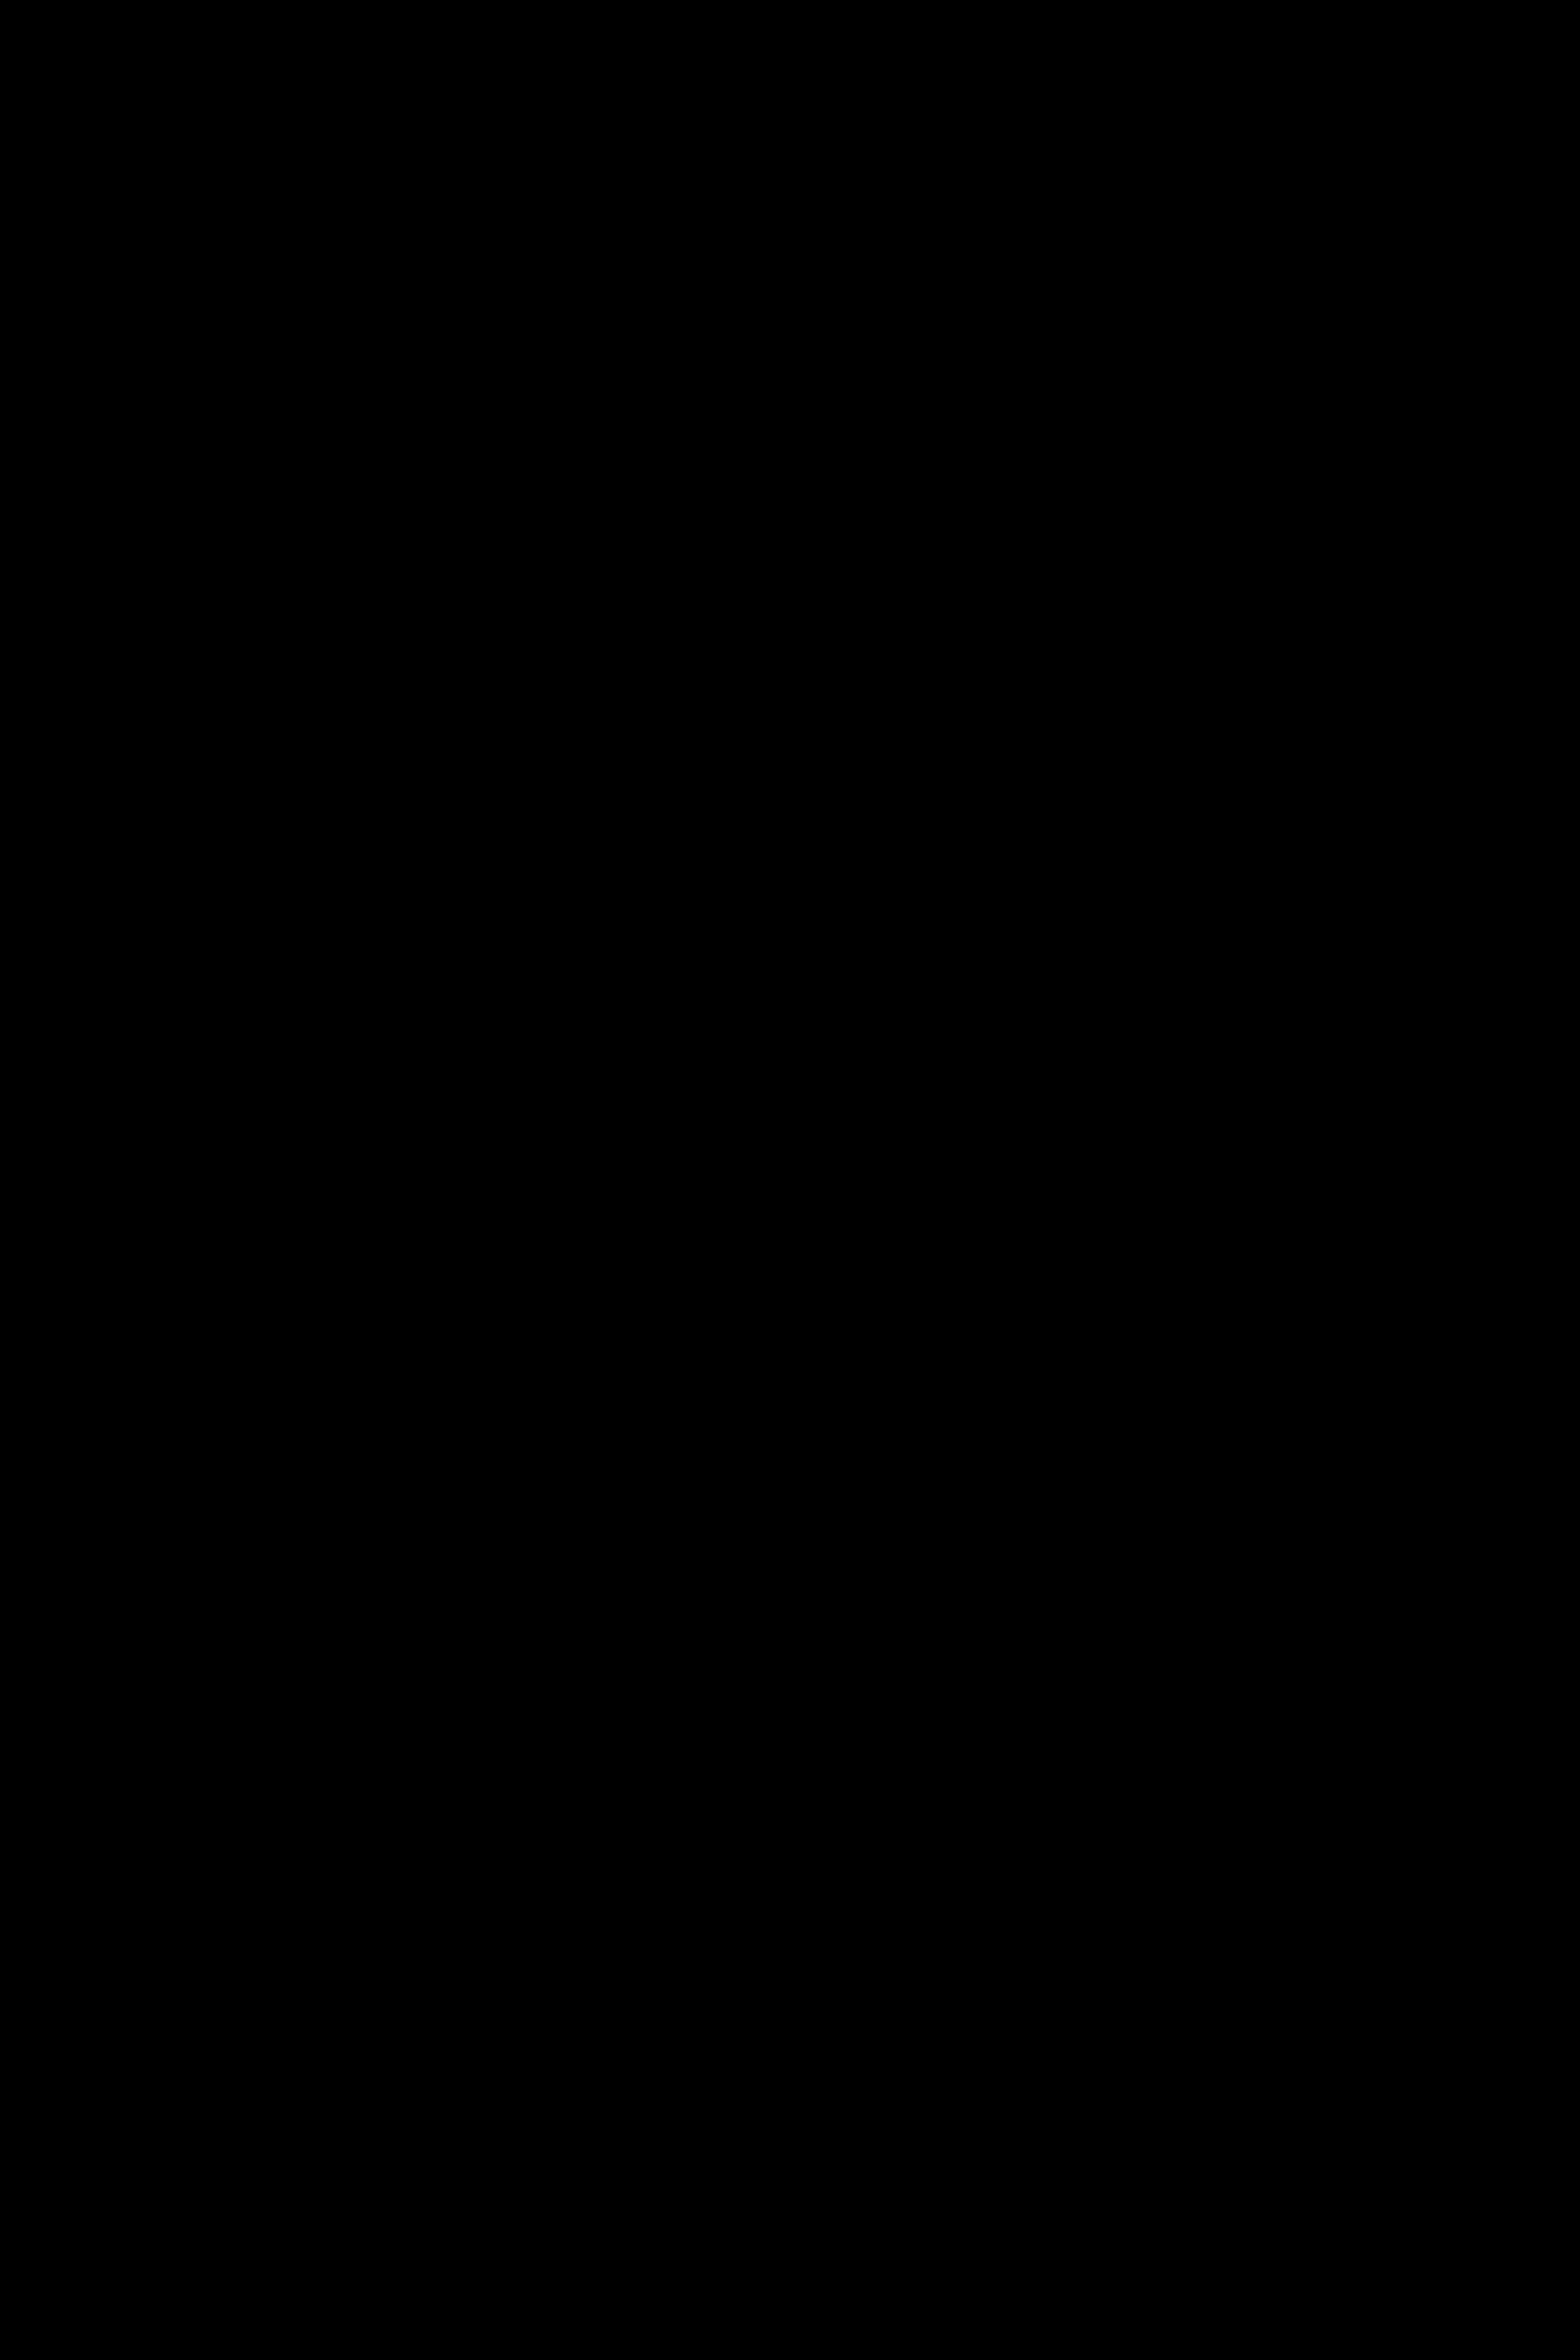 Логотип медицинского центра фото f_4305dc9a5ec74957.png